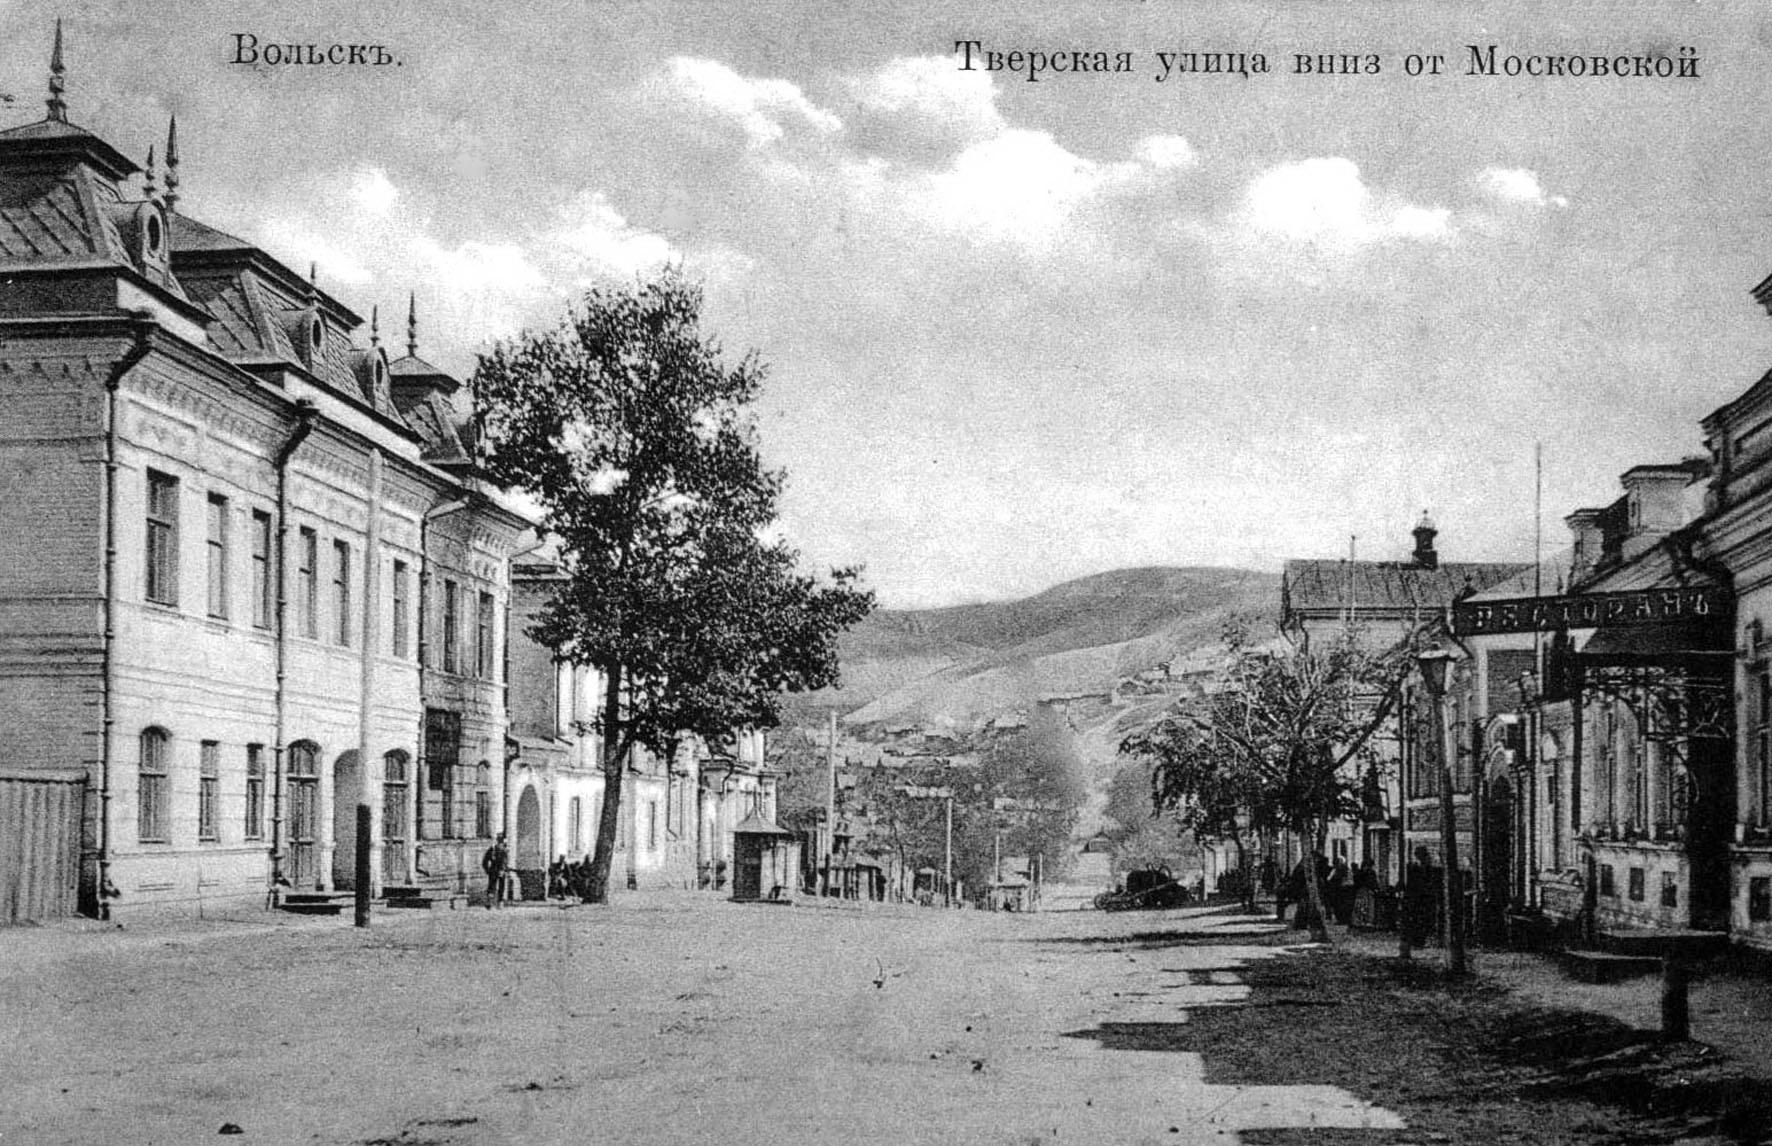 Тверская улица вниз от Московской